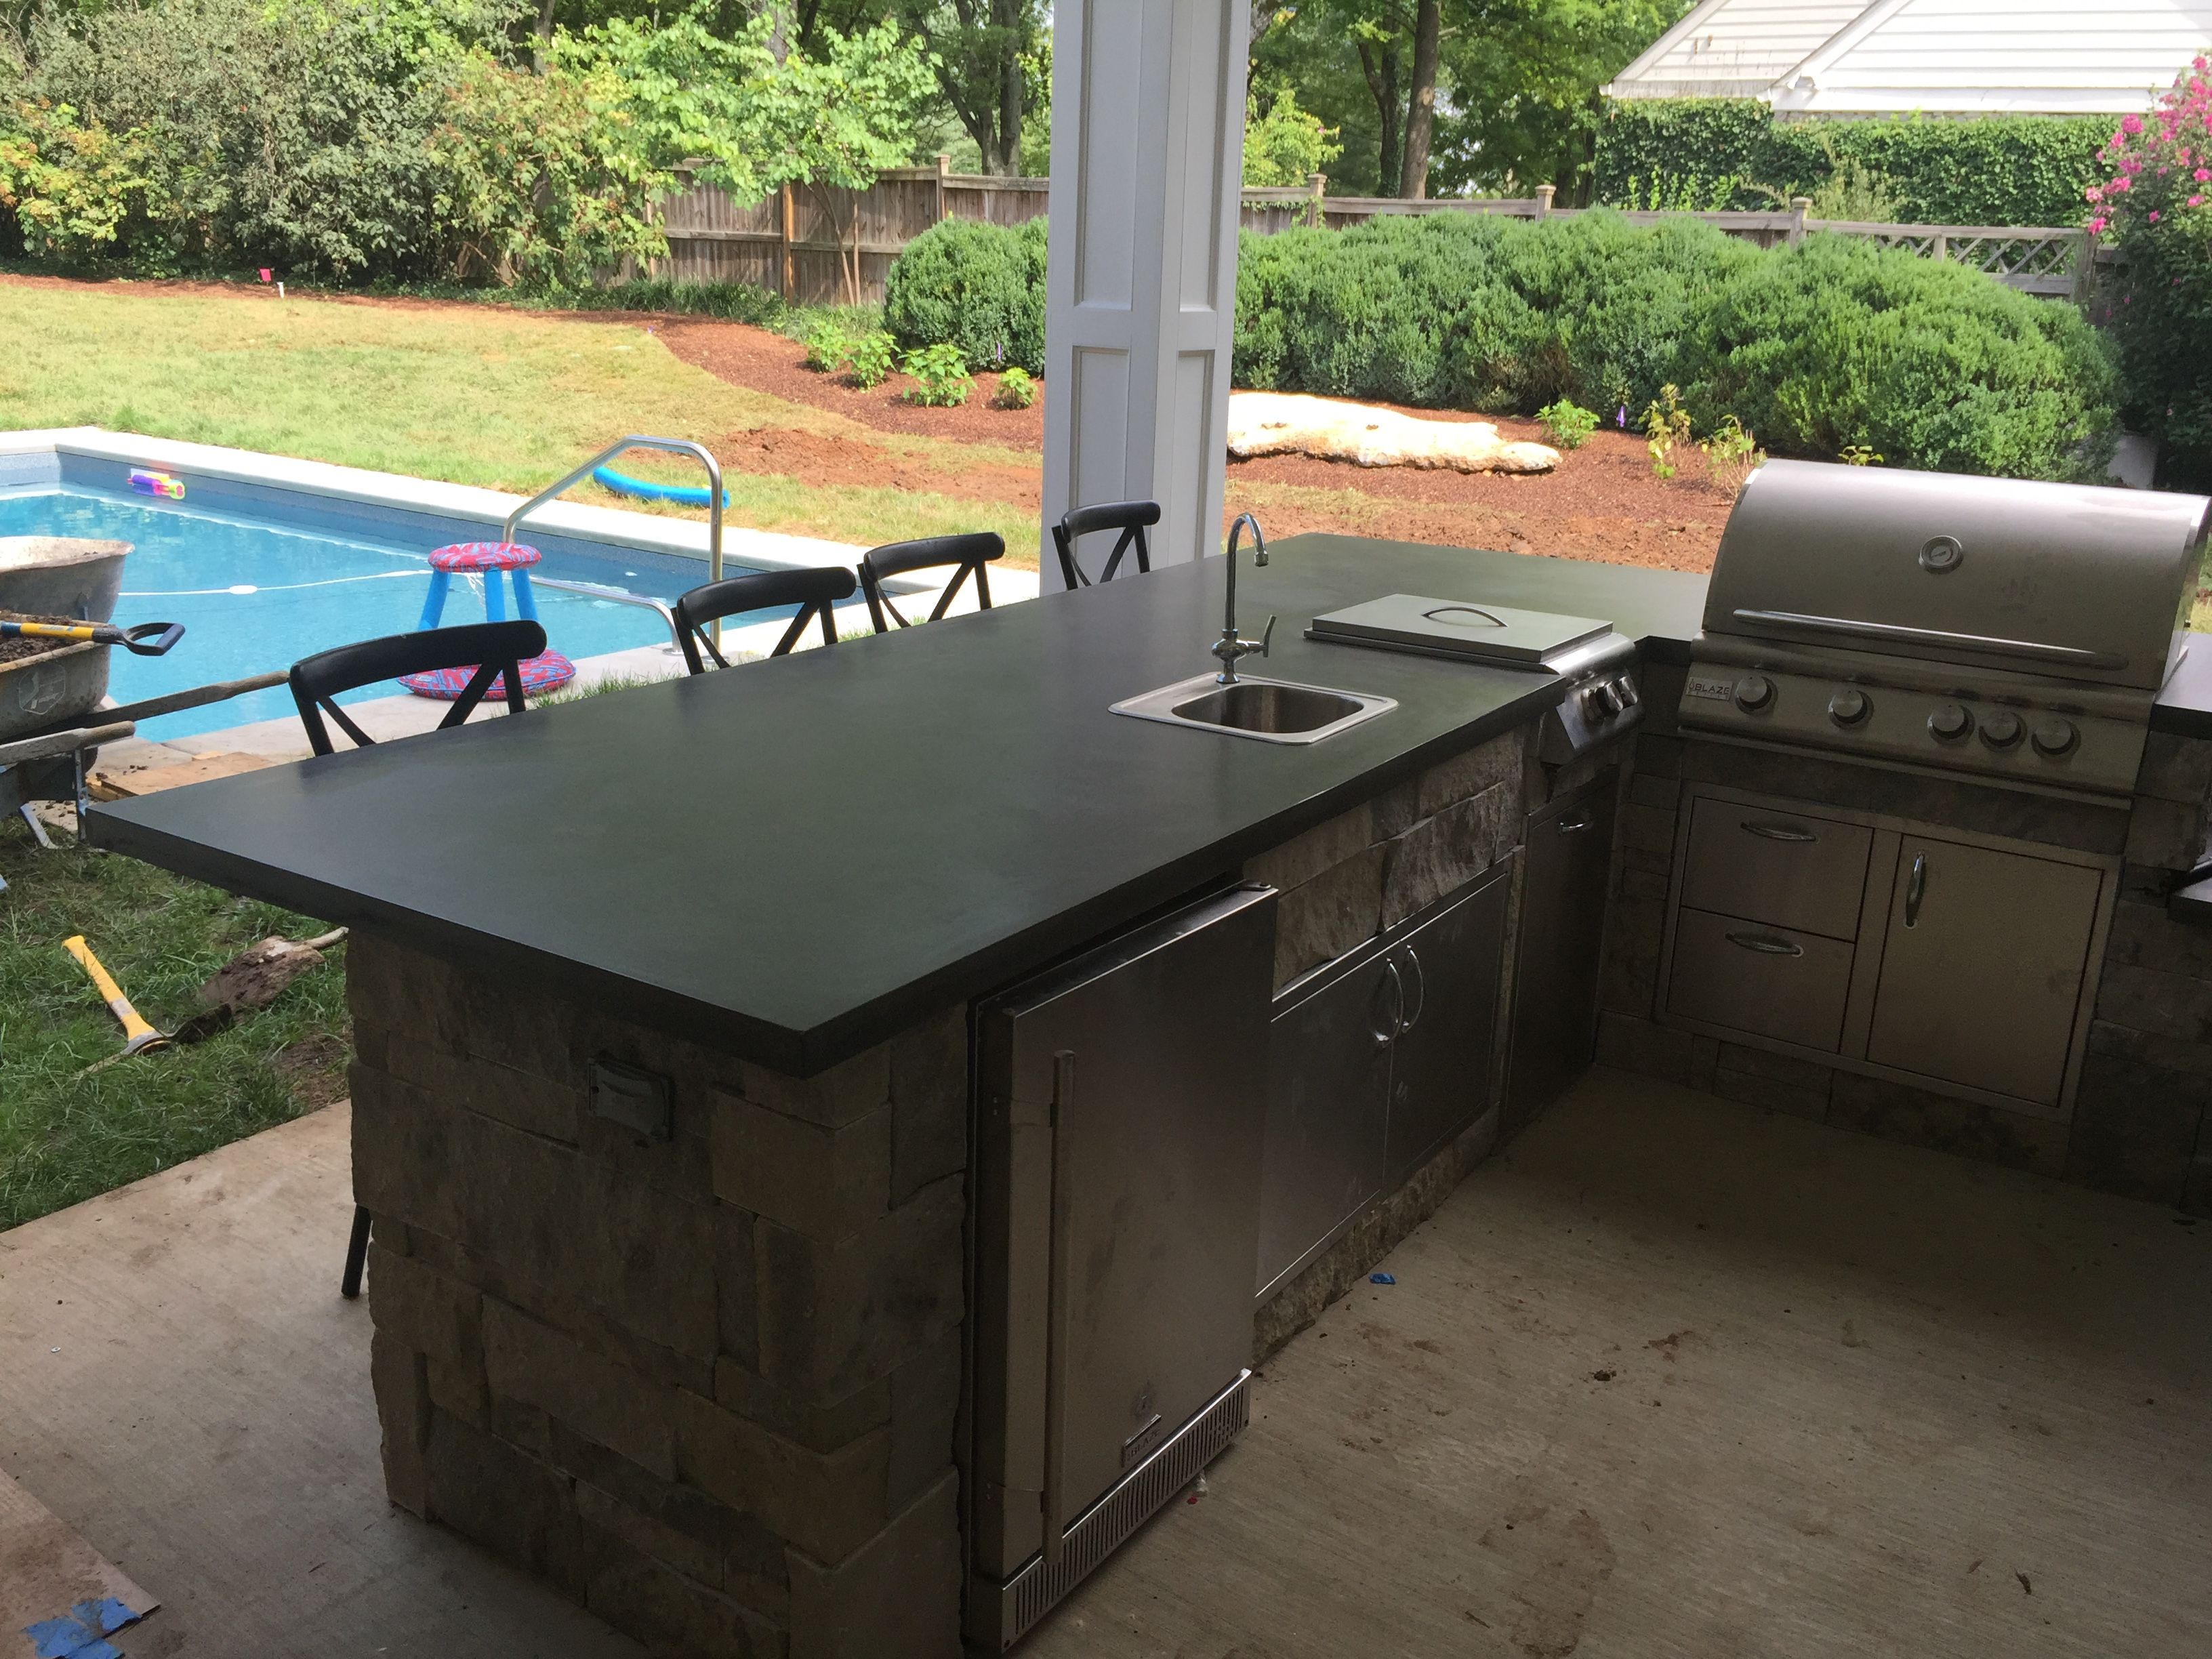 Outdoor Küche Beton Arbeitsplatte : Eine arbeitsplatte aus beton outdoor küche küchen granite